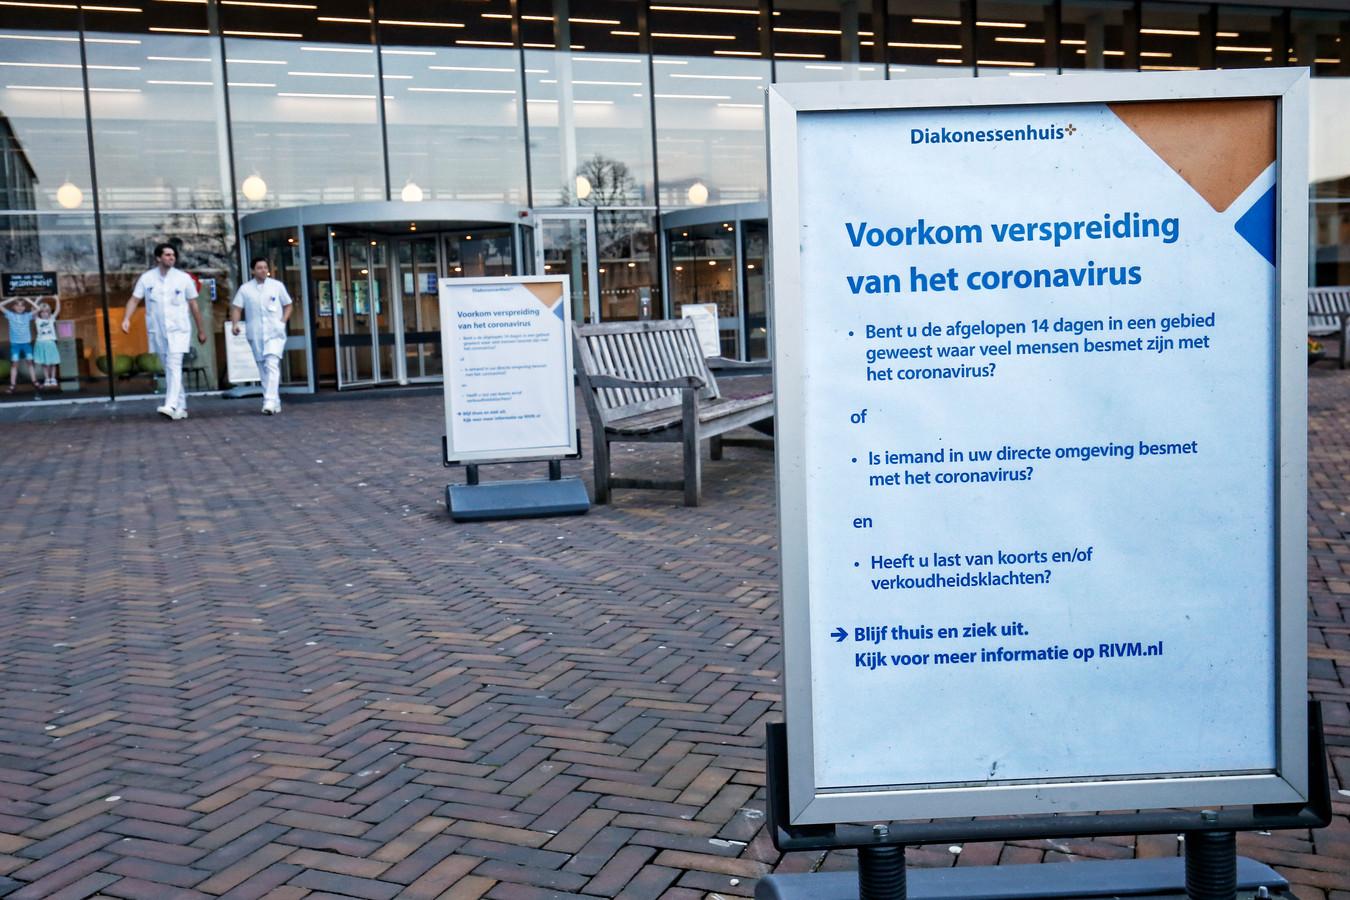 Richting de ingang van het Diakonessenhuis staan meerdere borden met informatie over verspreiding van het coronavirus.